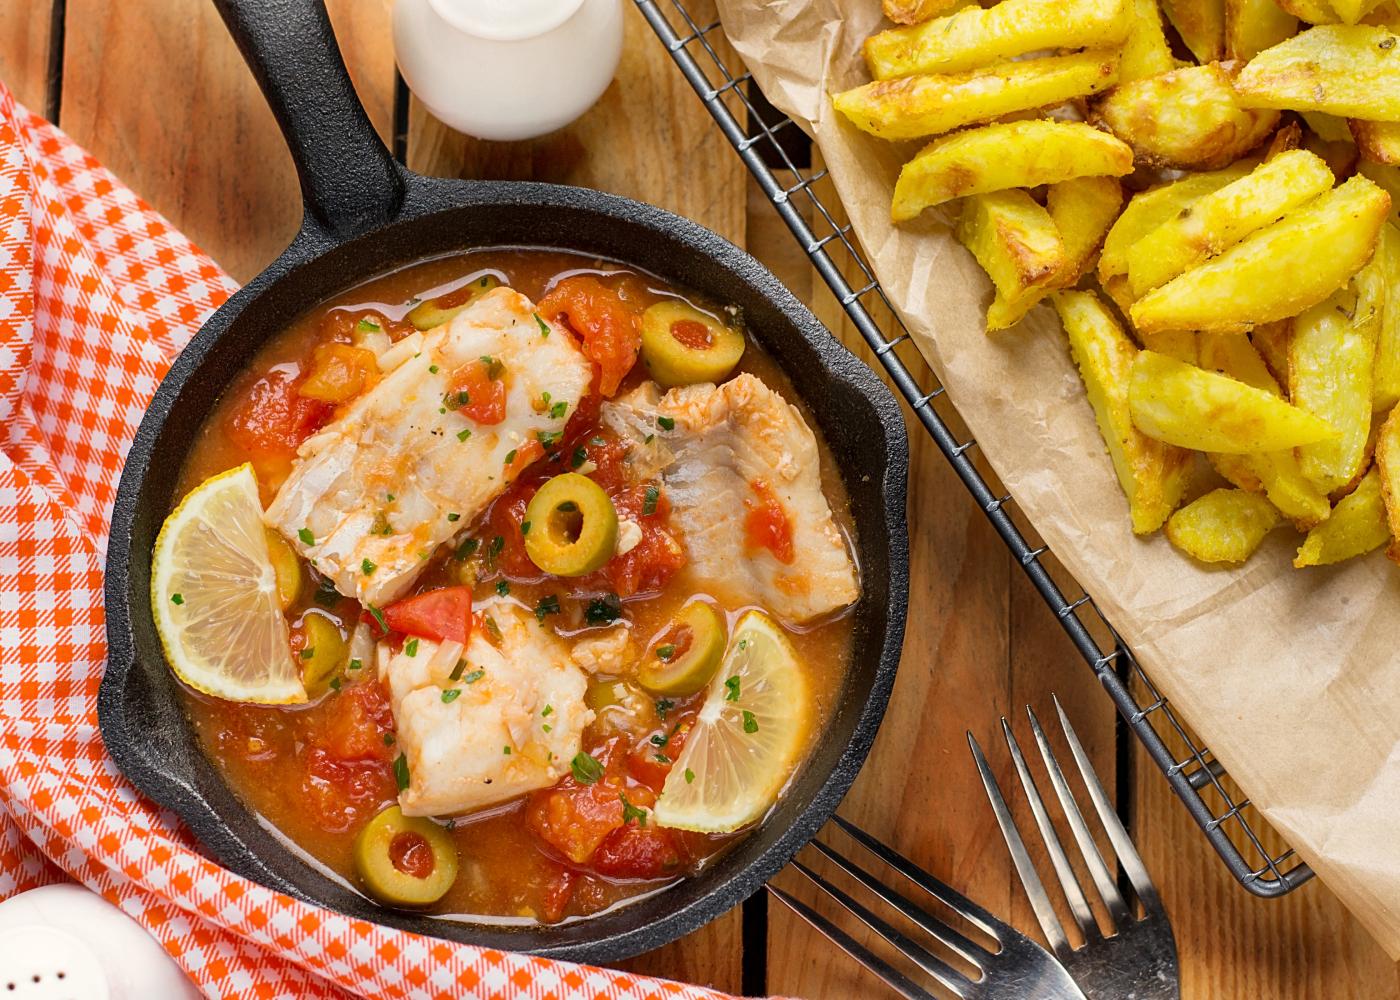 receitas de pescada: 5 diferentes maneiras de saborear